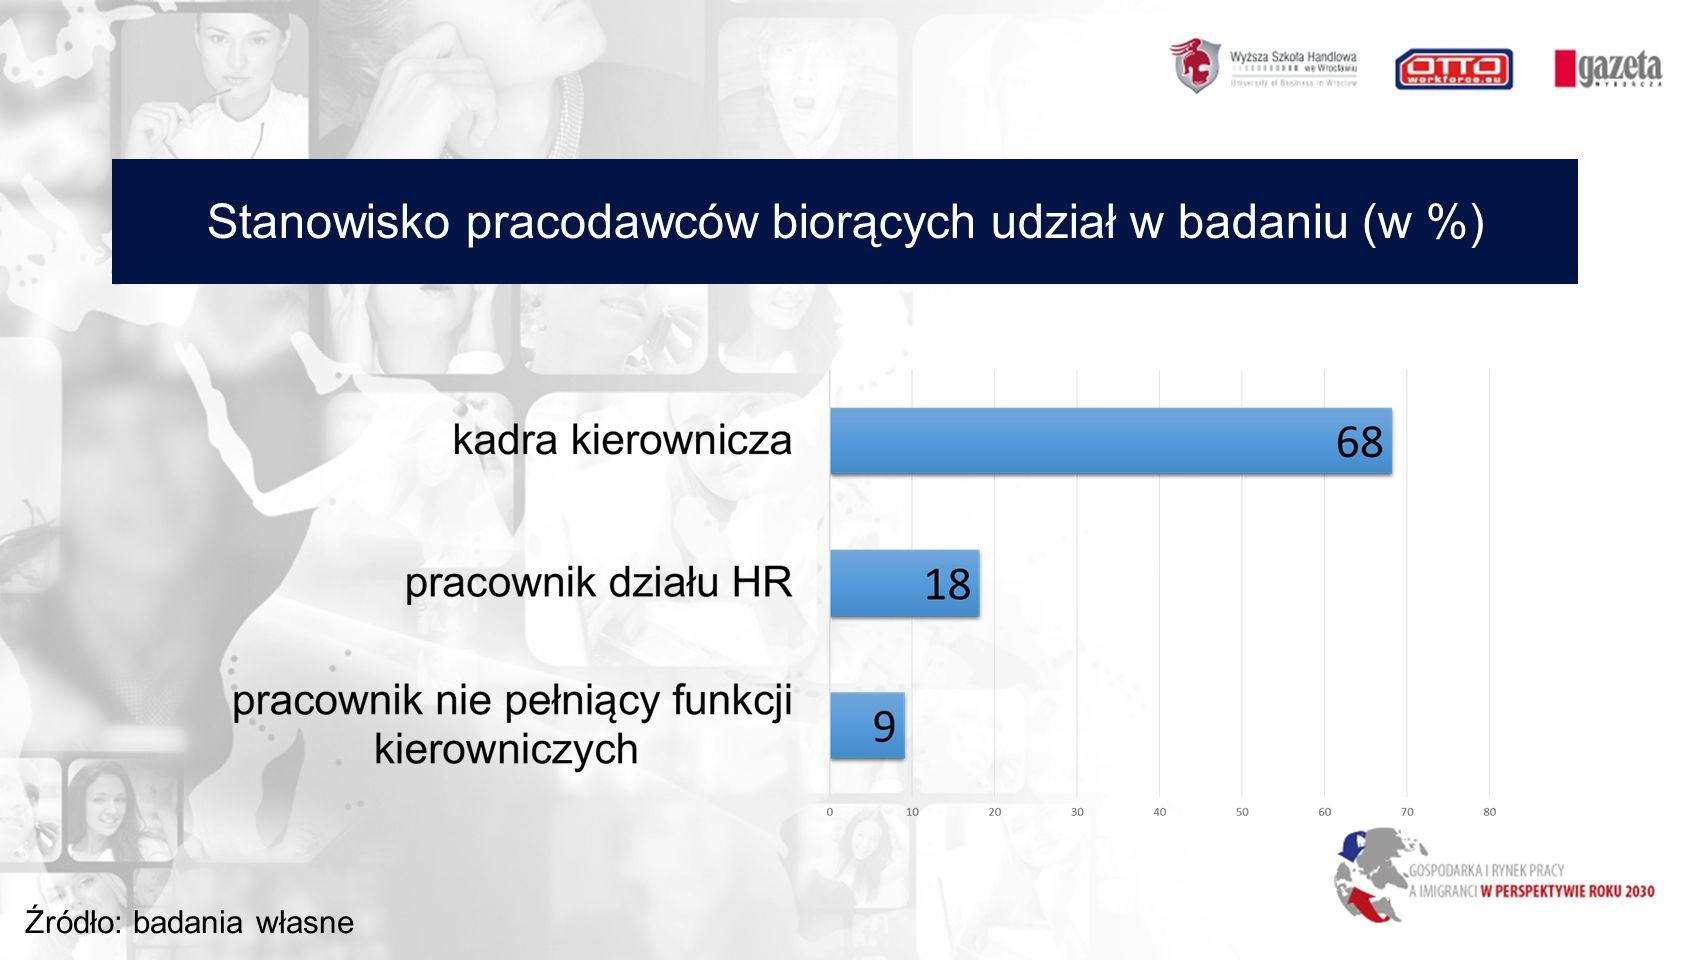 Stanowisko pracodawców biorących udział w badaniu (w %) Źródło: badania własne